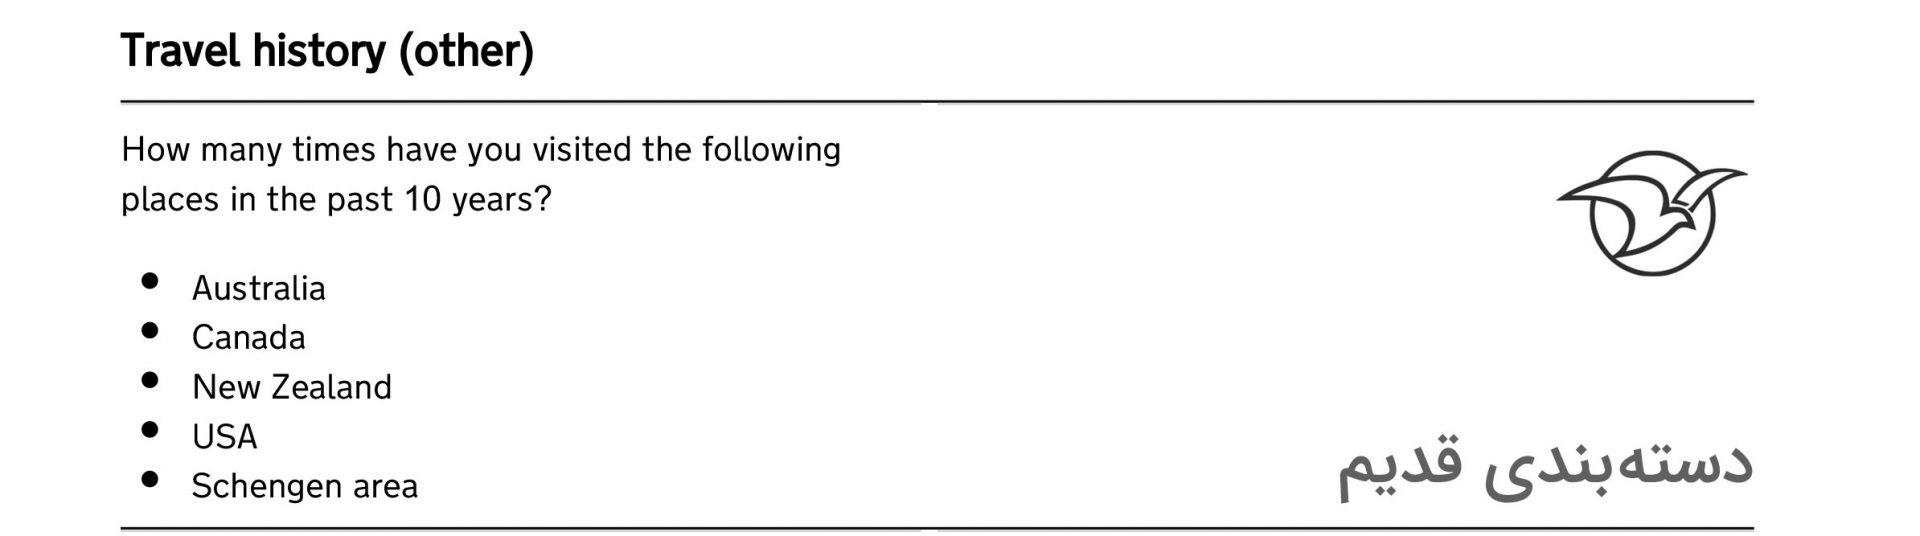 عصر ویزا لیست قدیم تاریخچه سفرهای و نام حوزه شینگن در فرم وقت سفارت انگلیس تهران